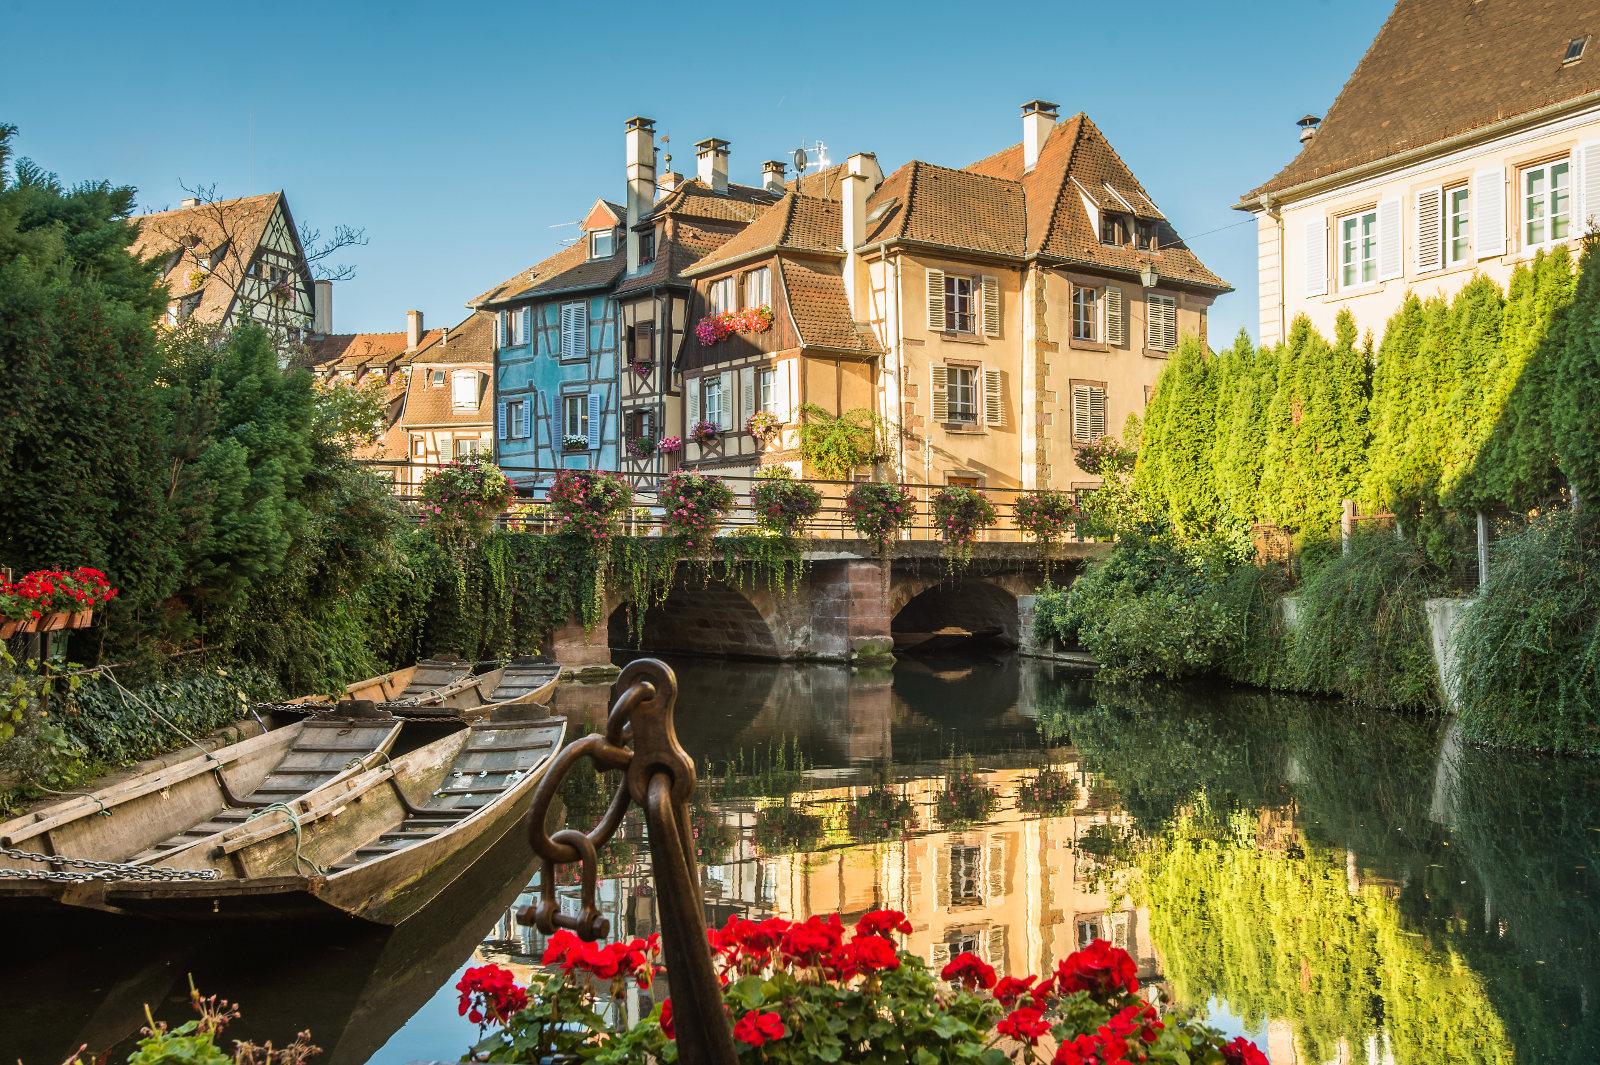 Location De Vacances En Mobil Home Ou Chalet En Alsace serapportantà Camping Alsace Piscine